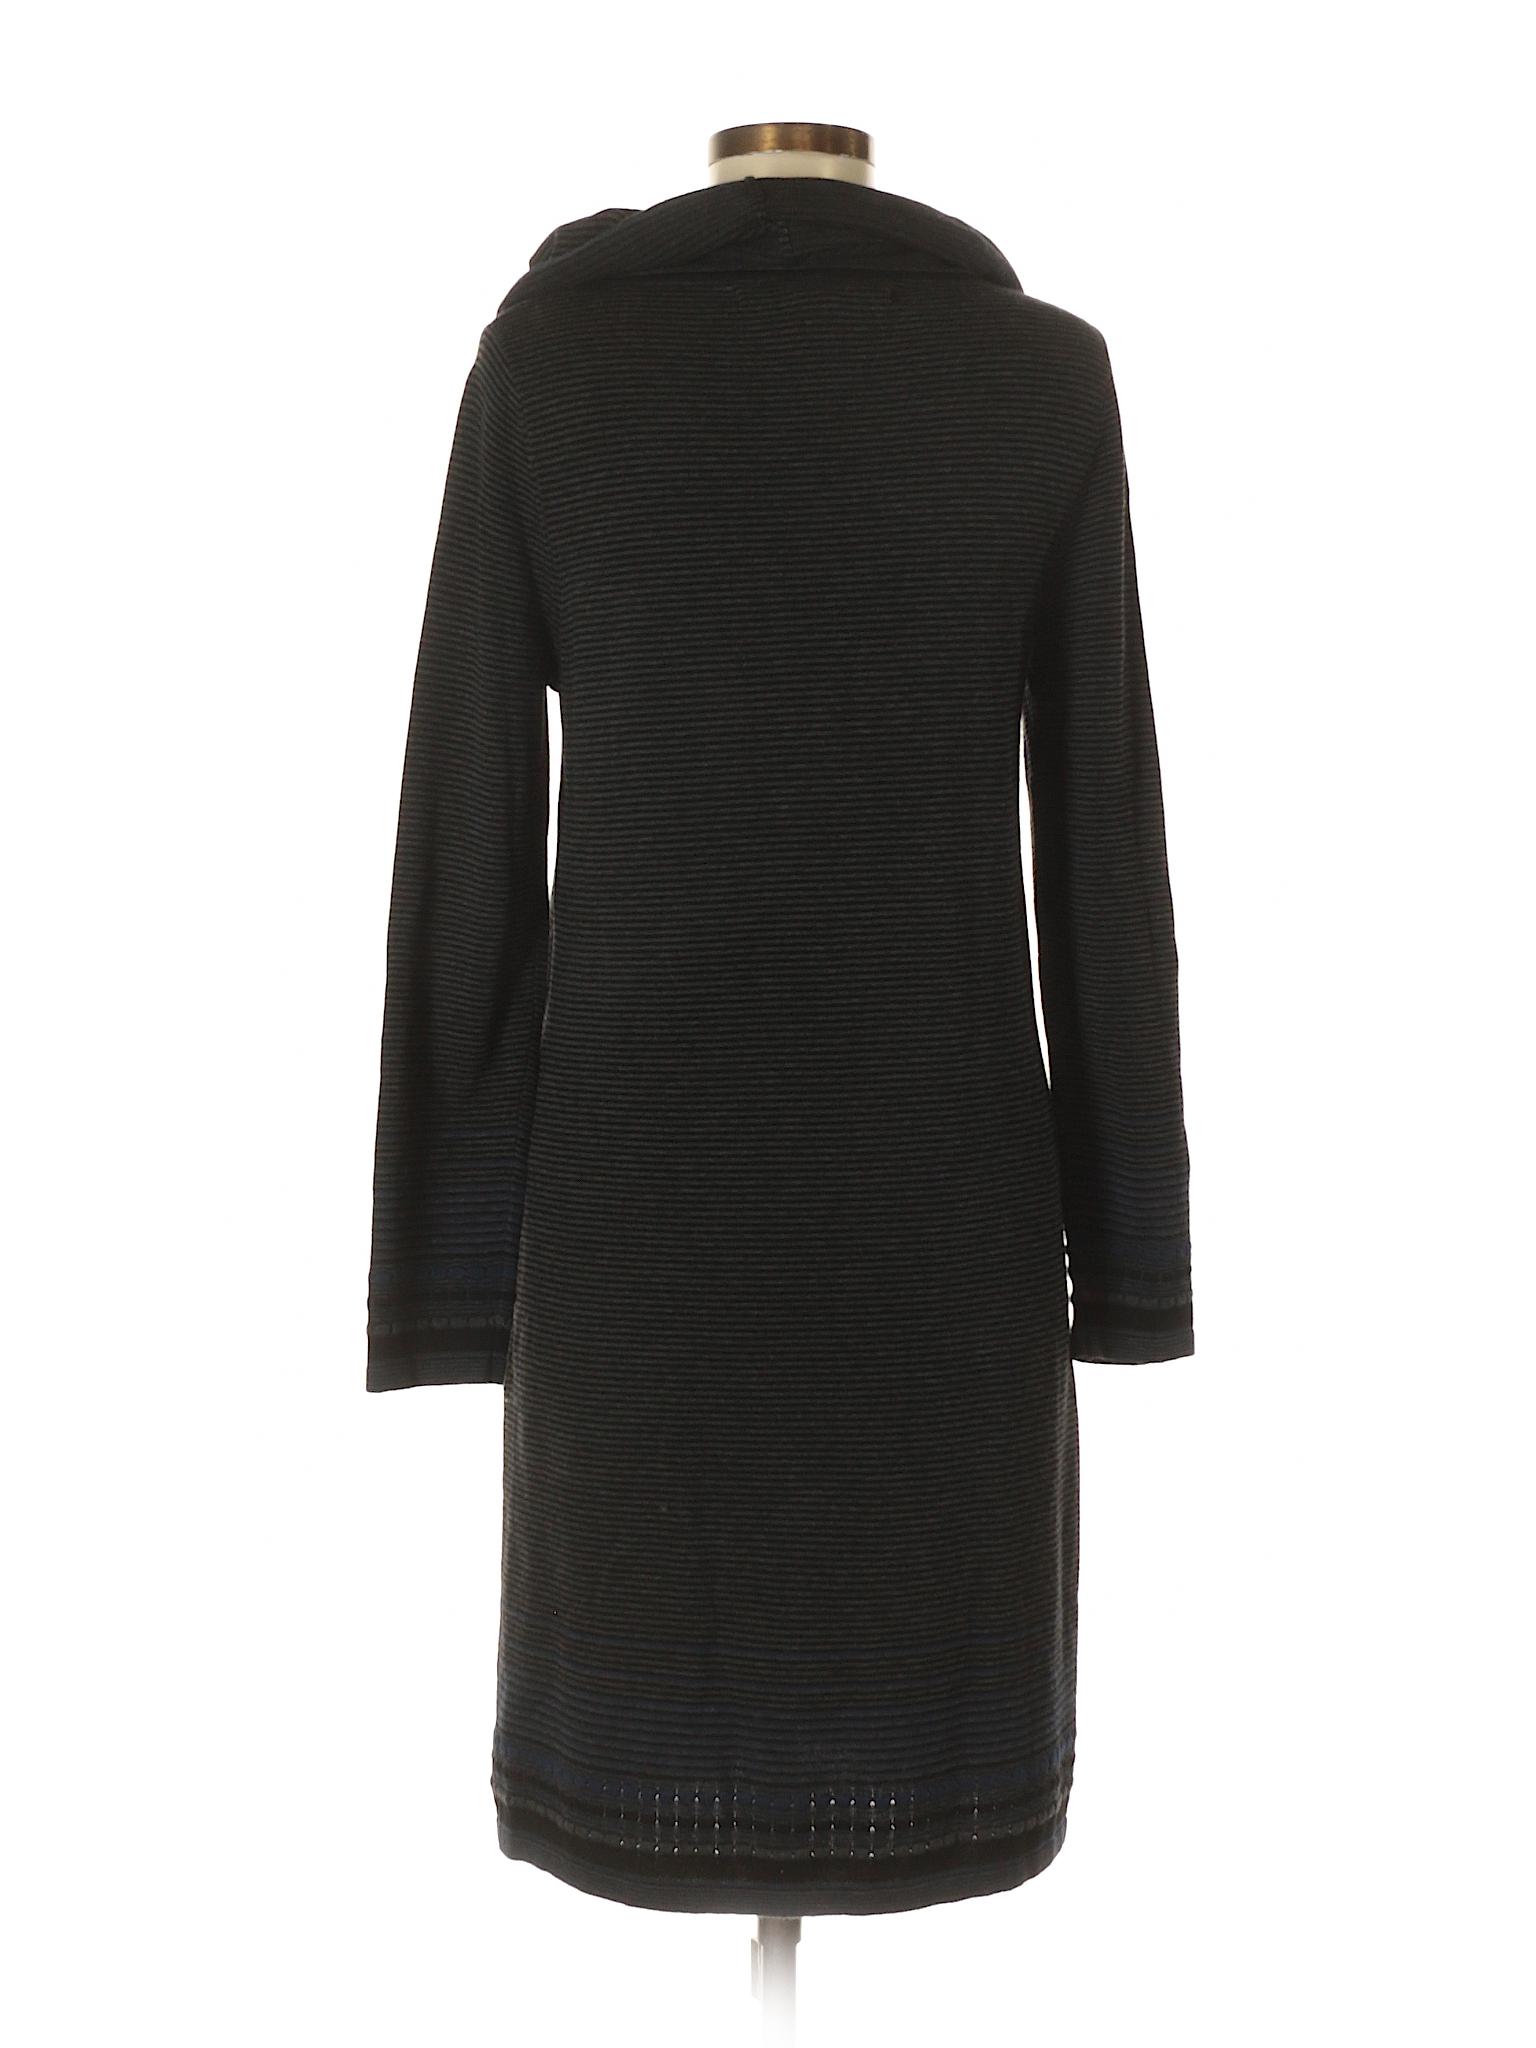 Studio Casual Dress winter Boutique Max 6wCExZn44q